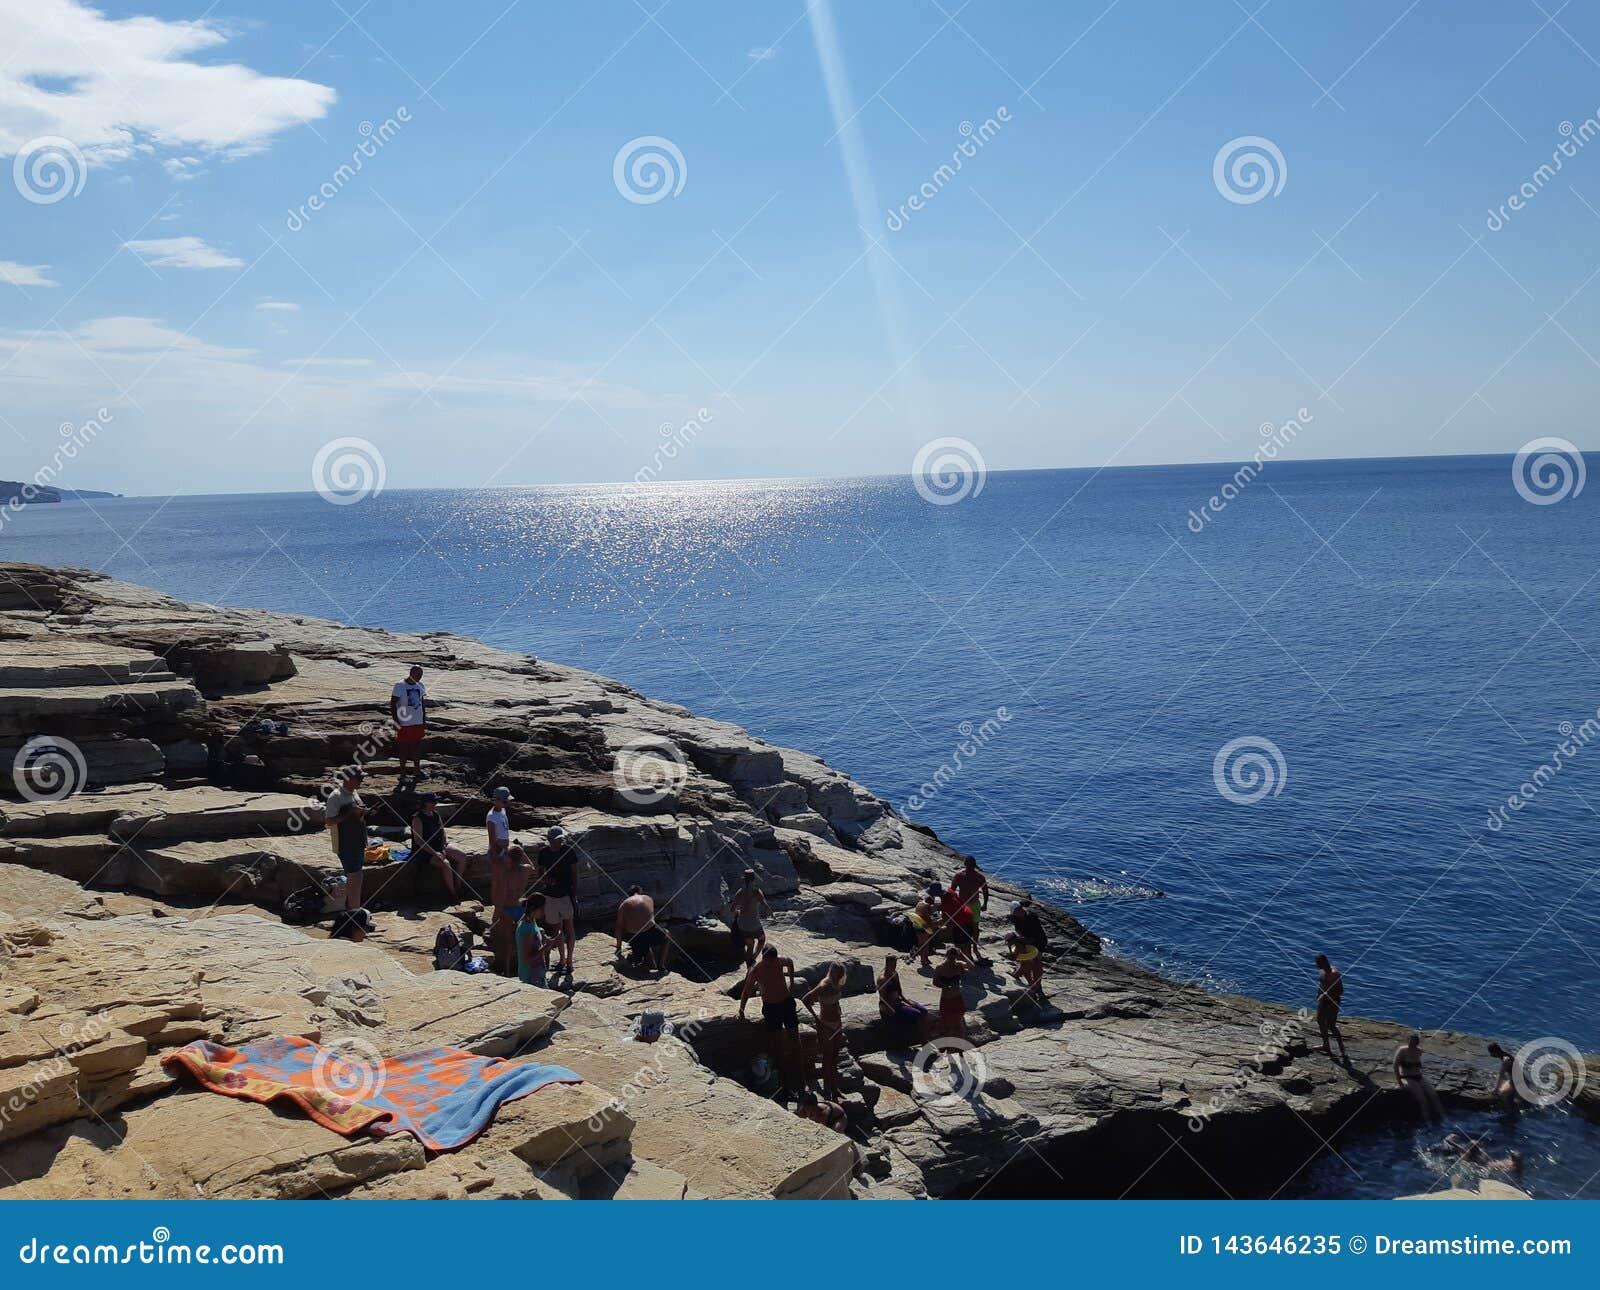 De zomer, vibes, ontspant het strand, overzees, zon, hemel, reis, Griekenland, eiland, liefde, ochtend